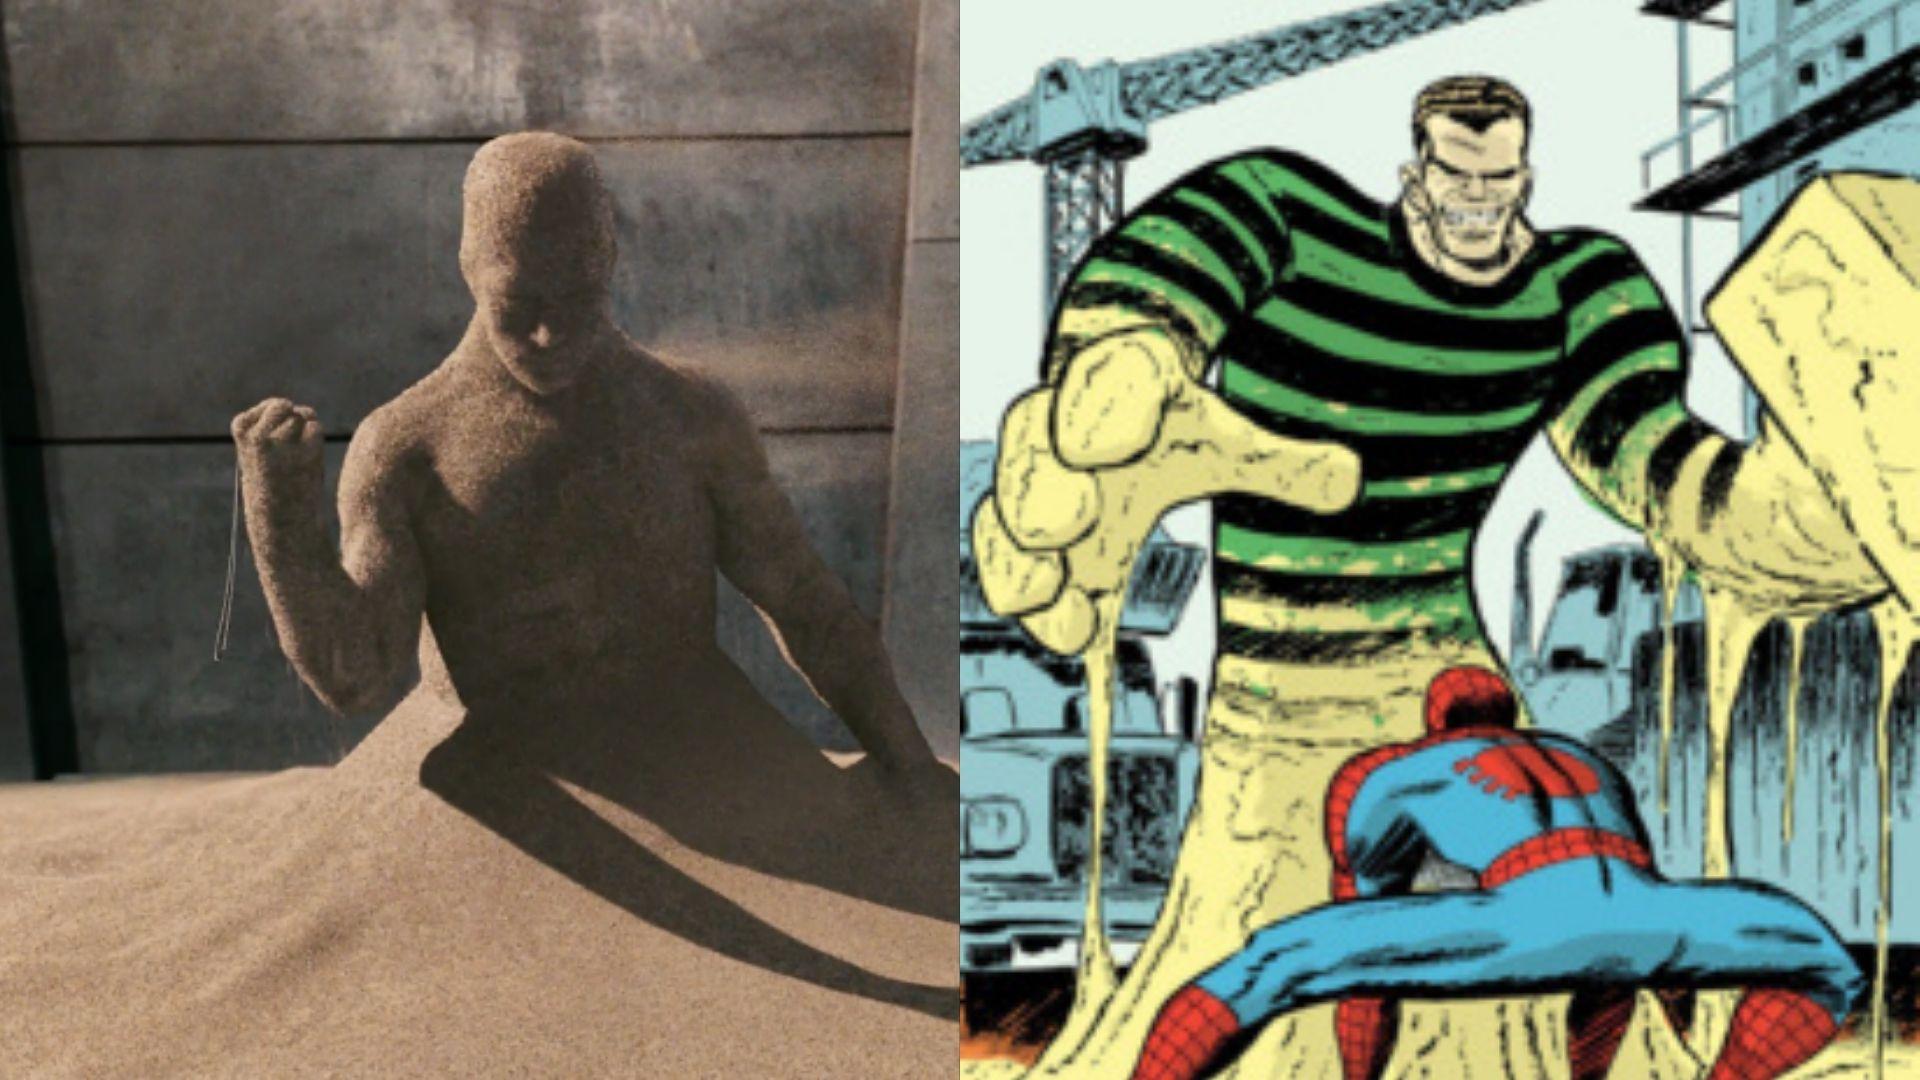 【スパイダーマン】サンドマンの強さ・能力・活躍・誕生について解説!【マーベル原作】